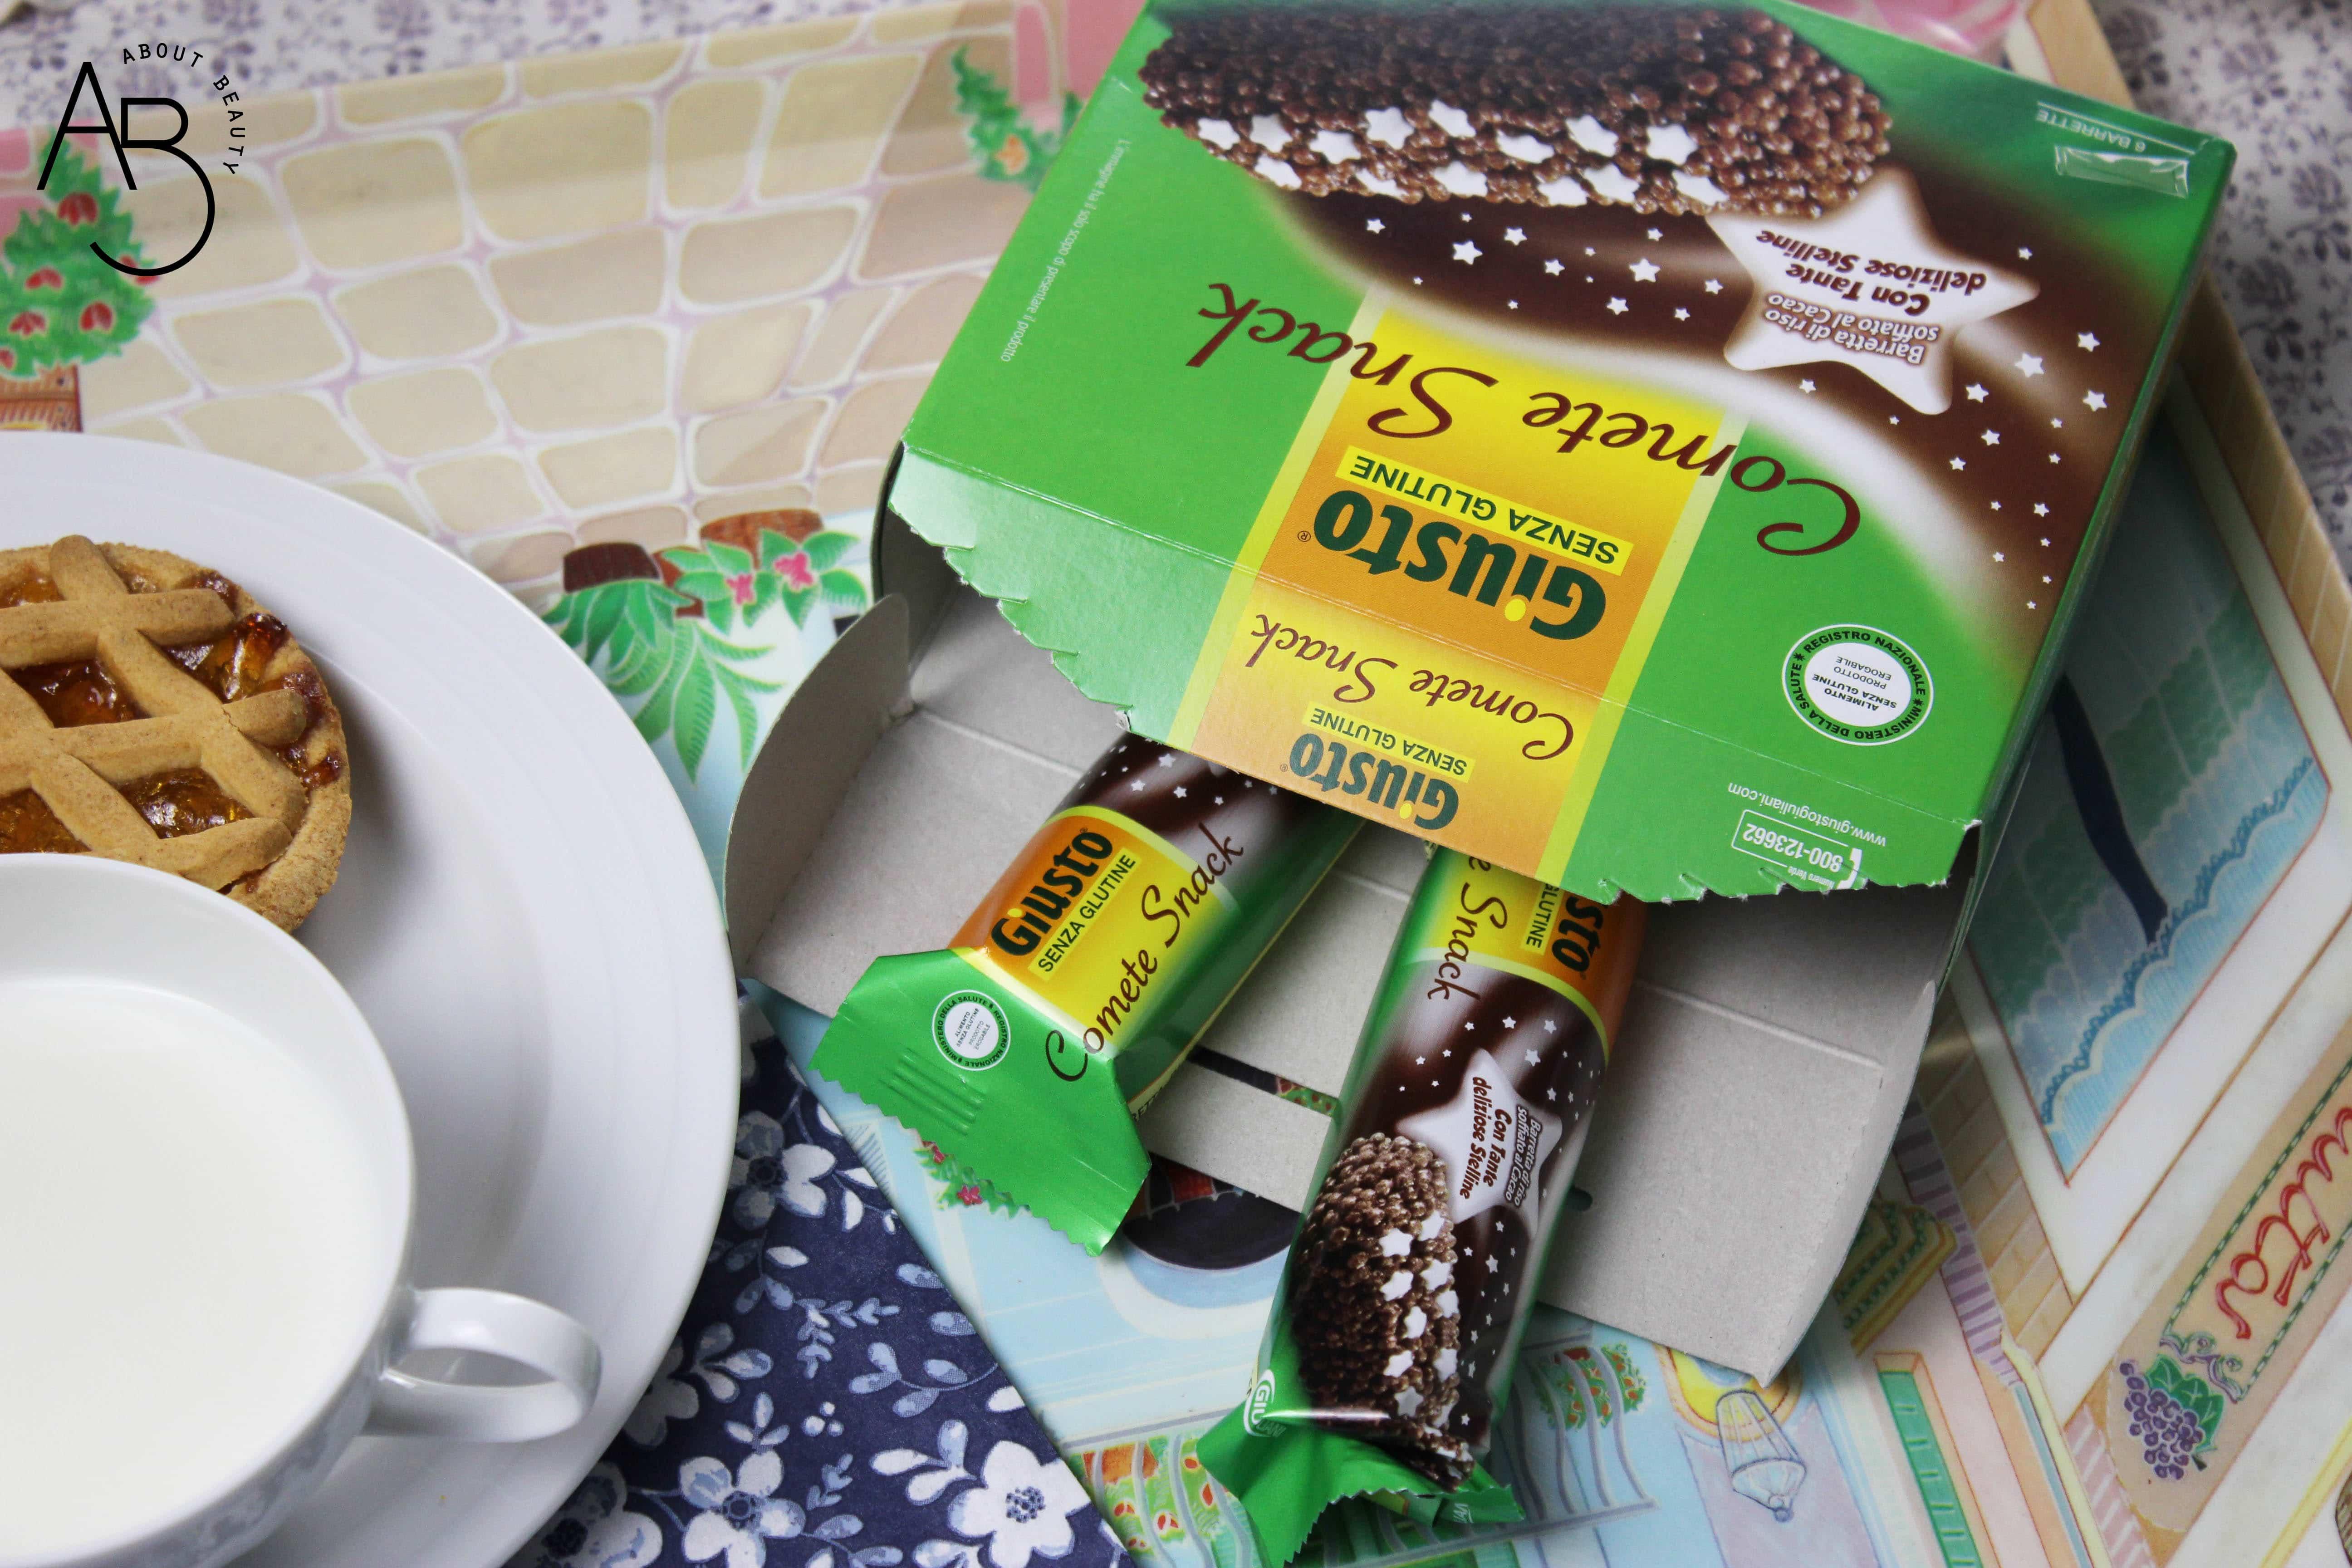 Giusto Senza Glutine - Cibo senza glutine per celiaci - Info, opinioni, dove acquistare, prezzo, recensione, review, assortimento - Comete Snack